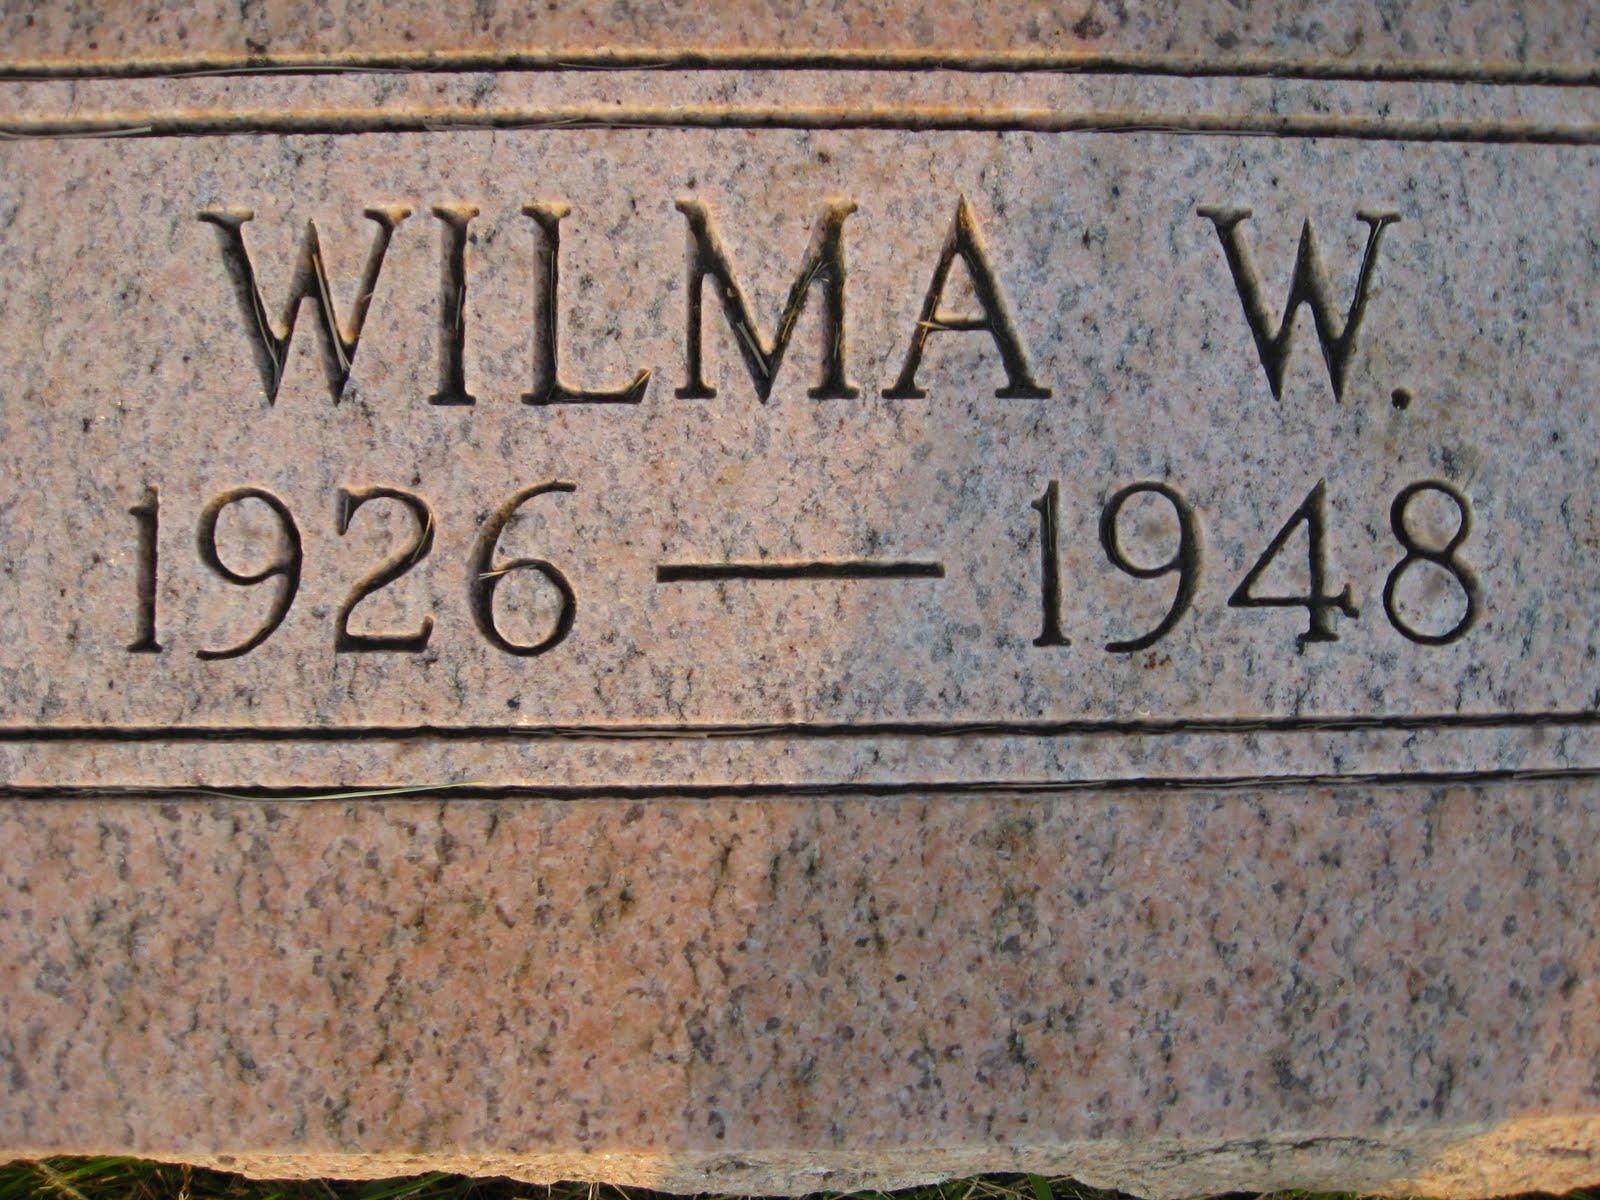 http://4.bp.blogspot.com/_VzR3ueVWGdg/TCN5-ZrBGtI/AAAAAAAAAtk/BaRwZnc-xQM/s1600/Lily+Visits+Wilma+011.JPG